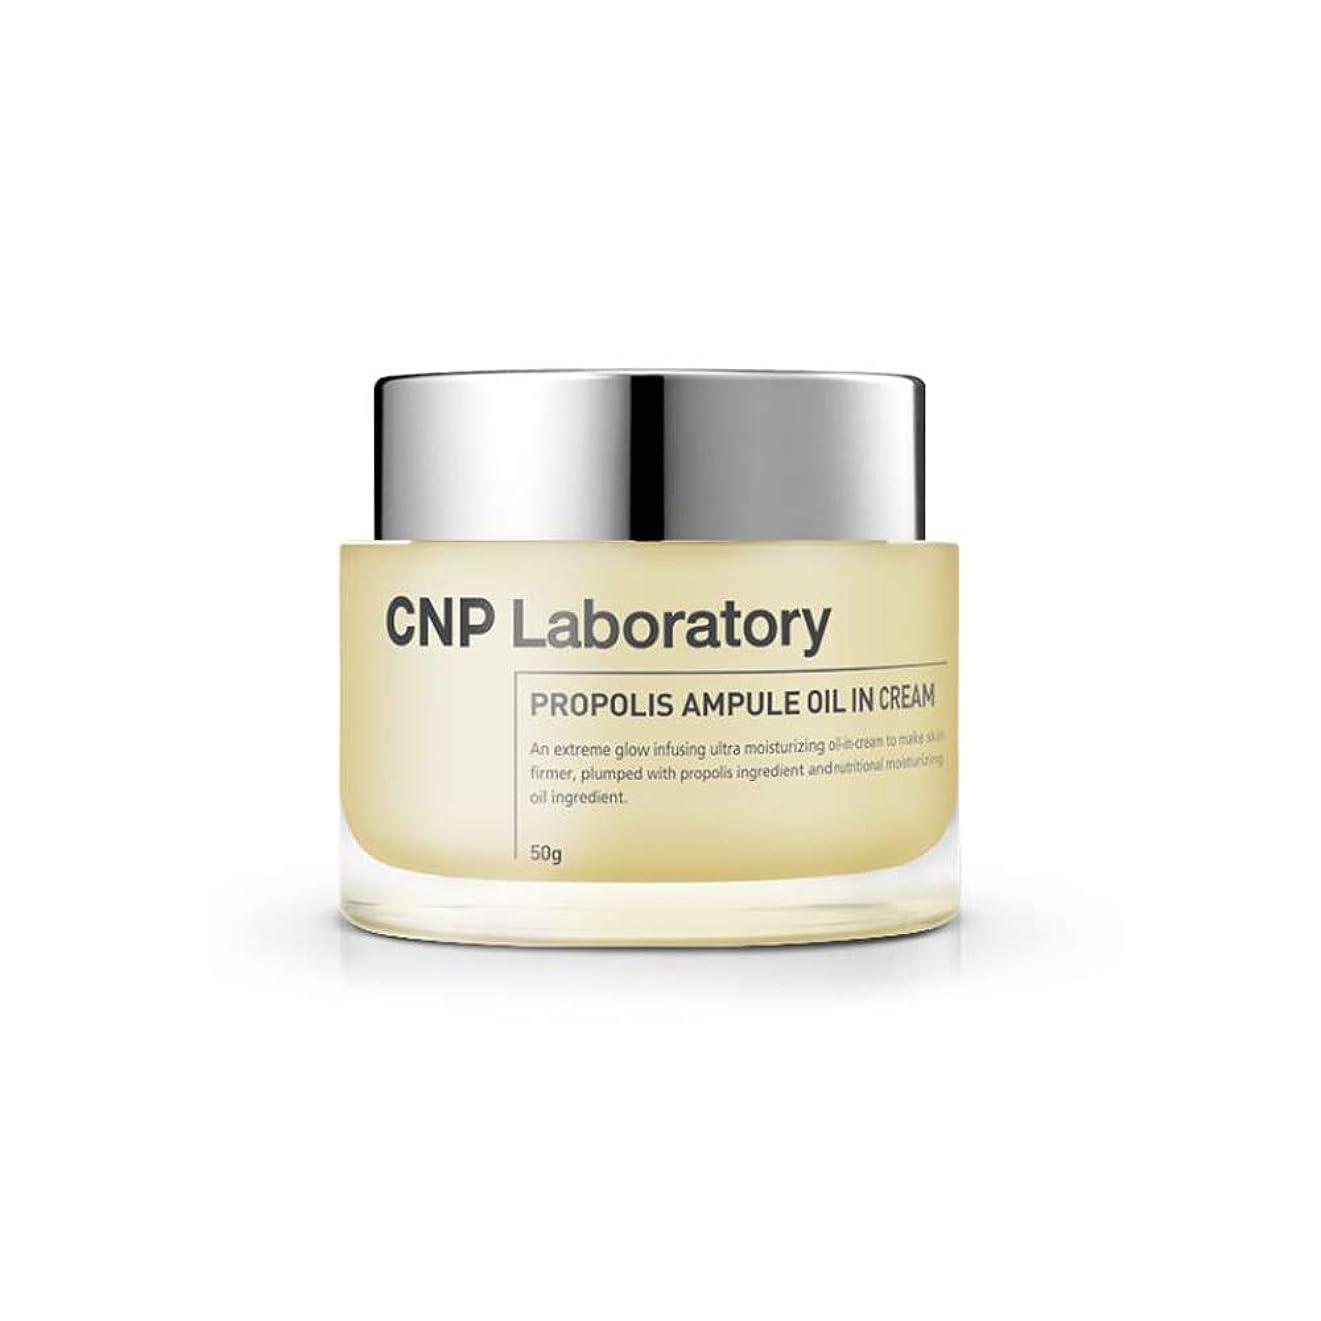 タイピスト泥棒味[CNP Laboratory] CNP チャ&パク プロポリスアンプルオイルインクリーム 50g [海外直送品][並行輸入品]